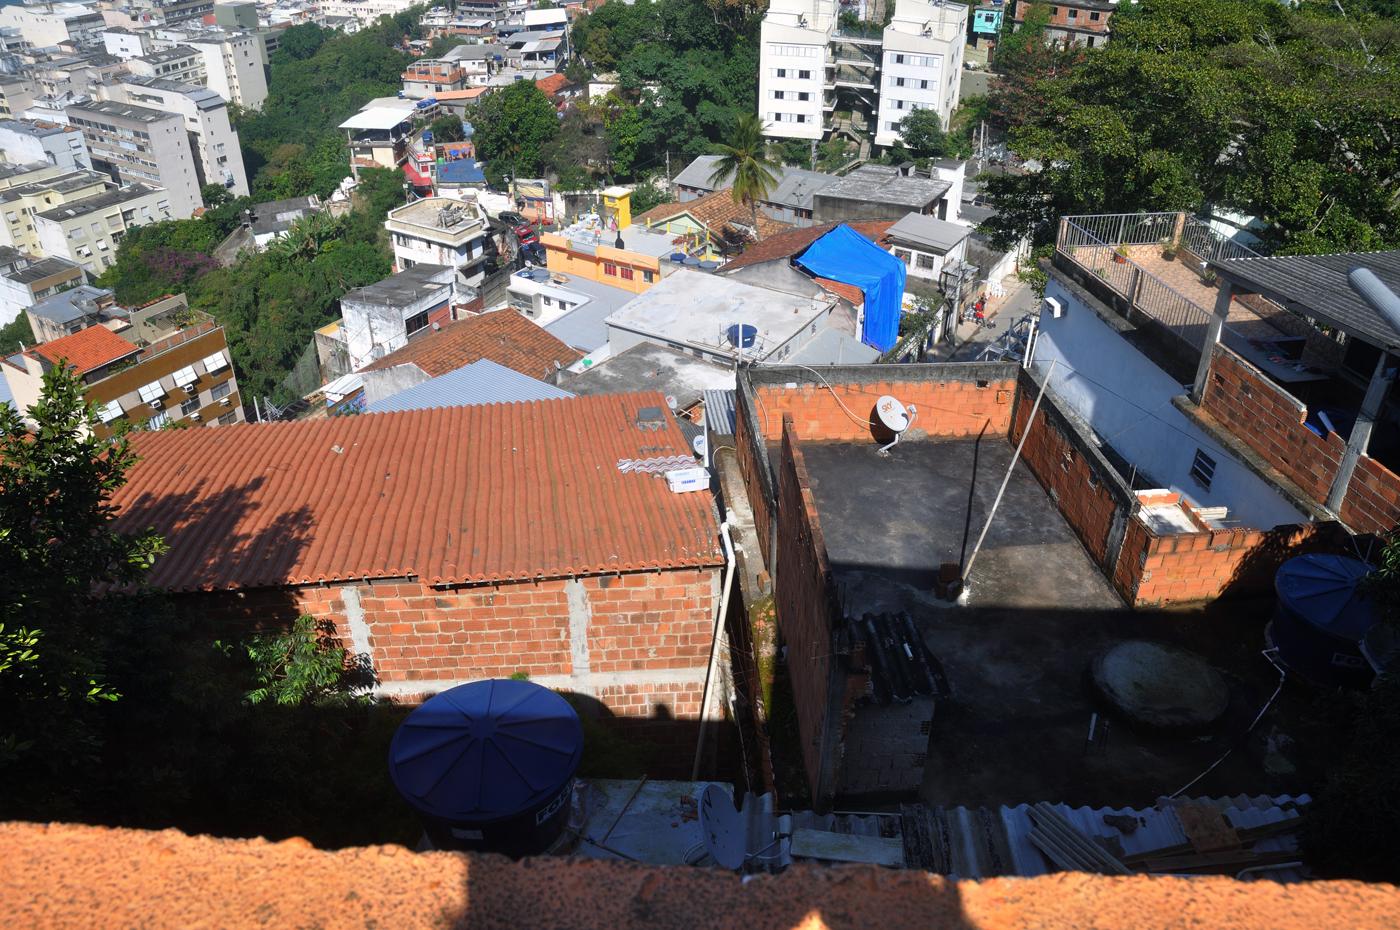 Die Favela Babilônia zieht sich den Hügel hinauf und ist von üppiger Vegetation durchsetzt. (Bild: Andreas Lerg)